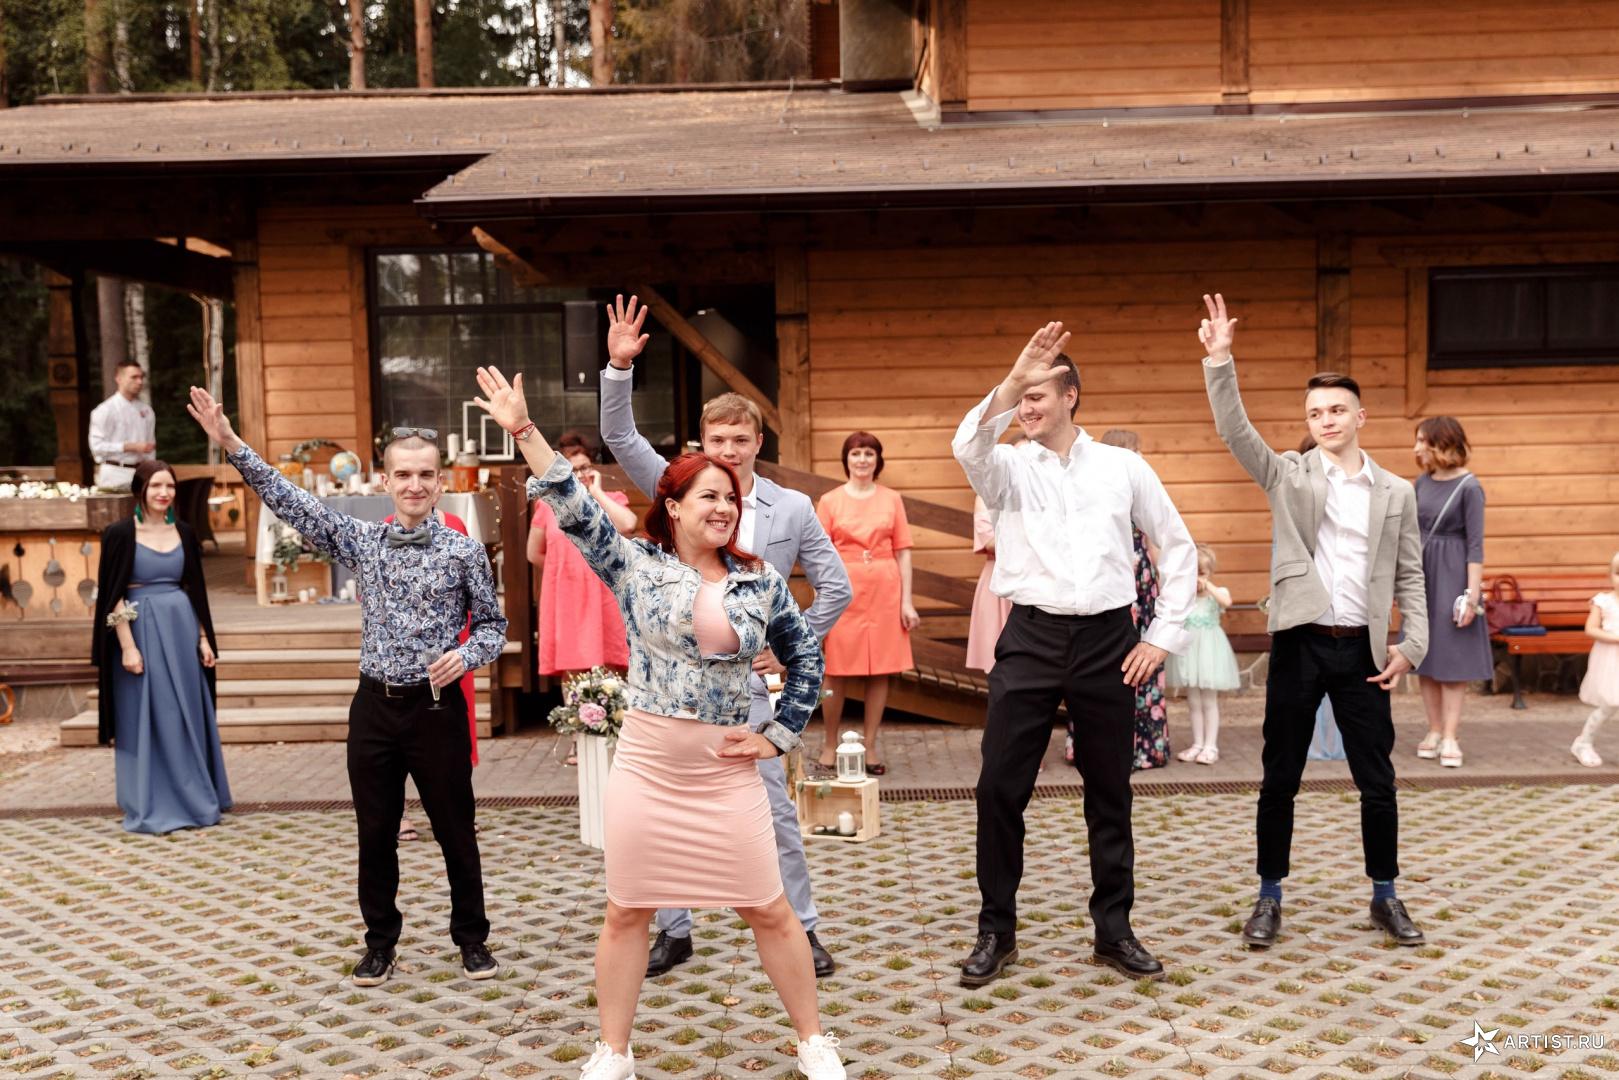 Фото 12 из 15 из альбома Свадьба Маргариты и Алексея 23 06 18 Андрея Кислого